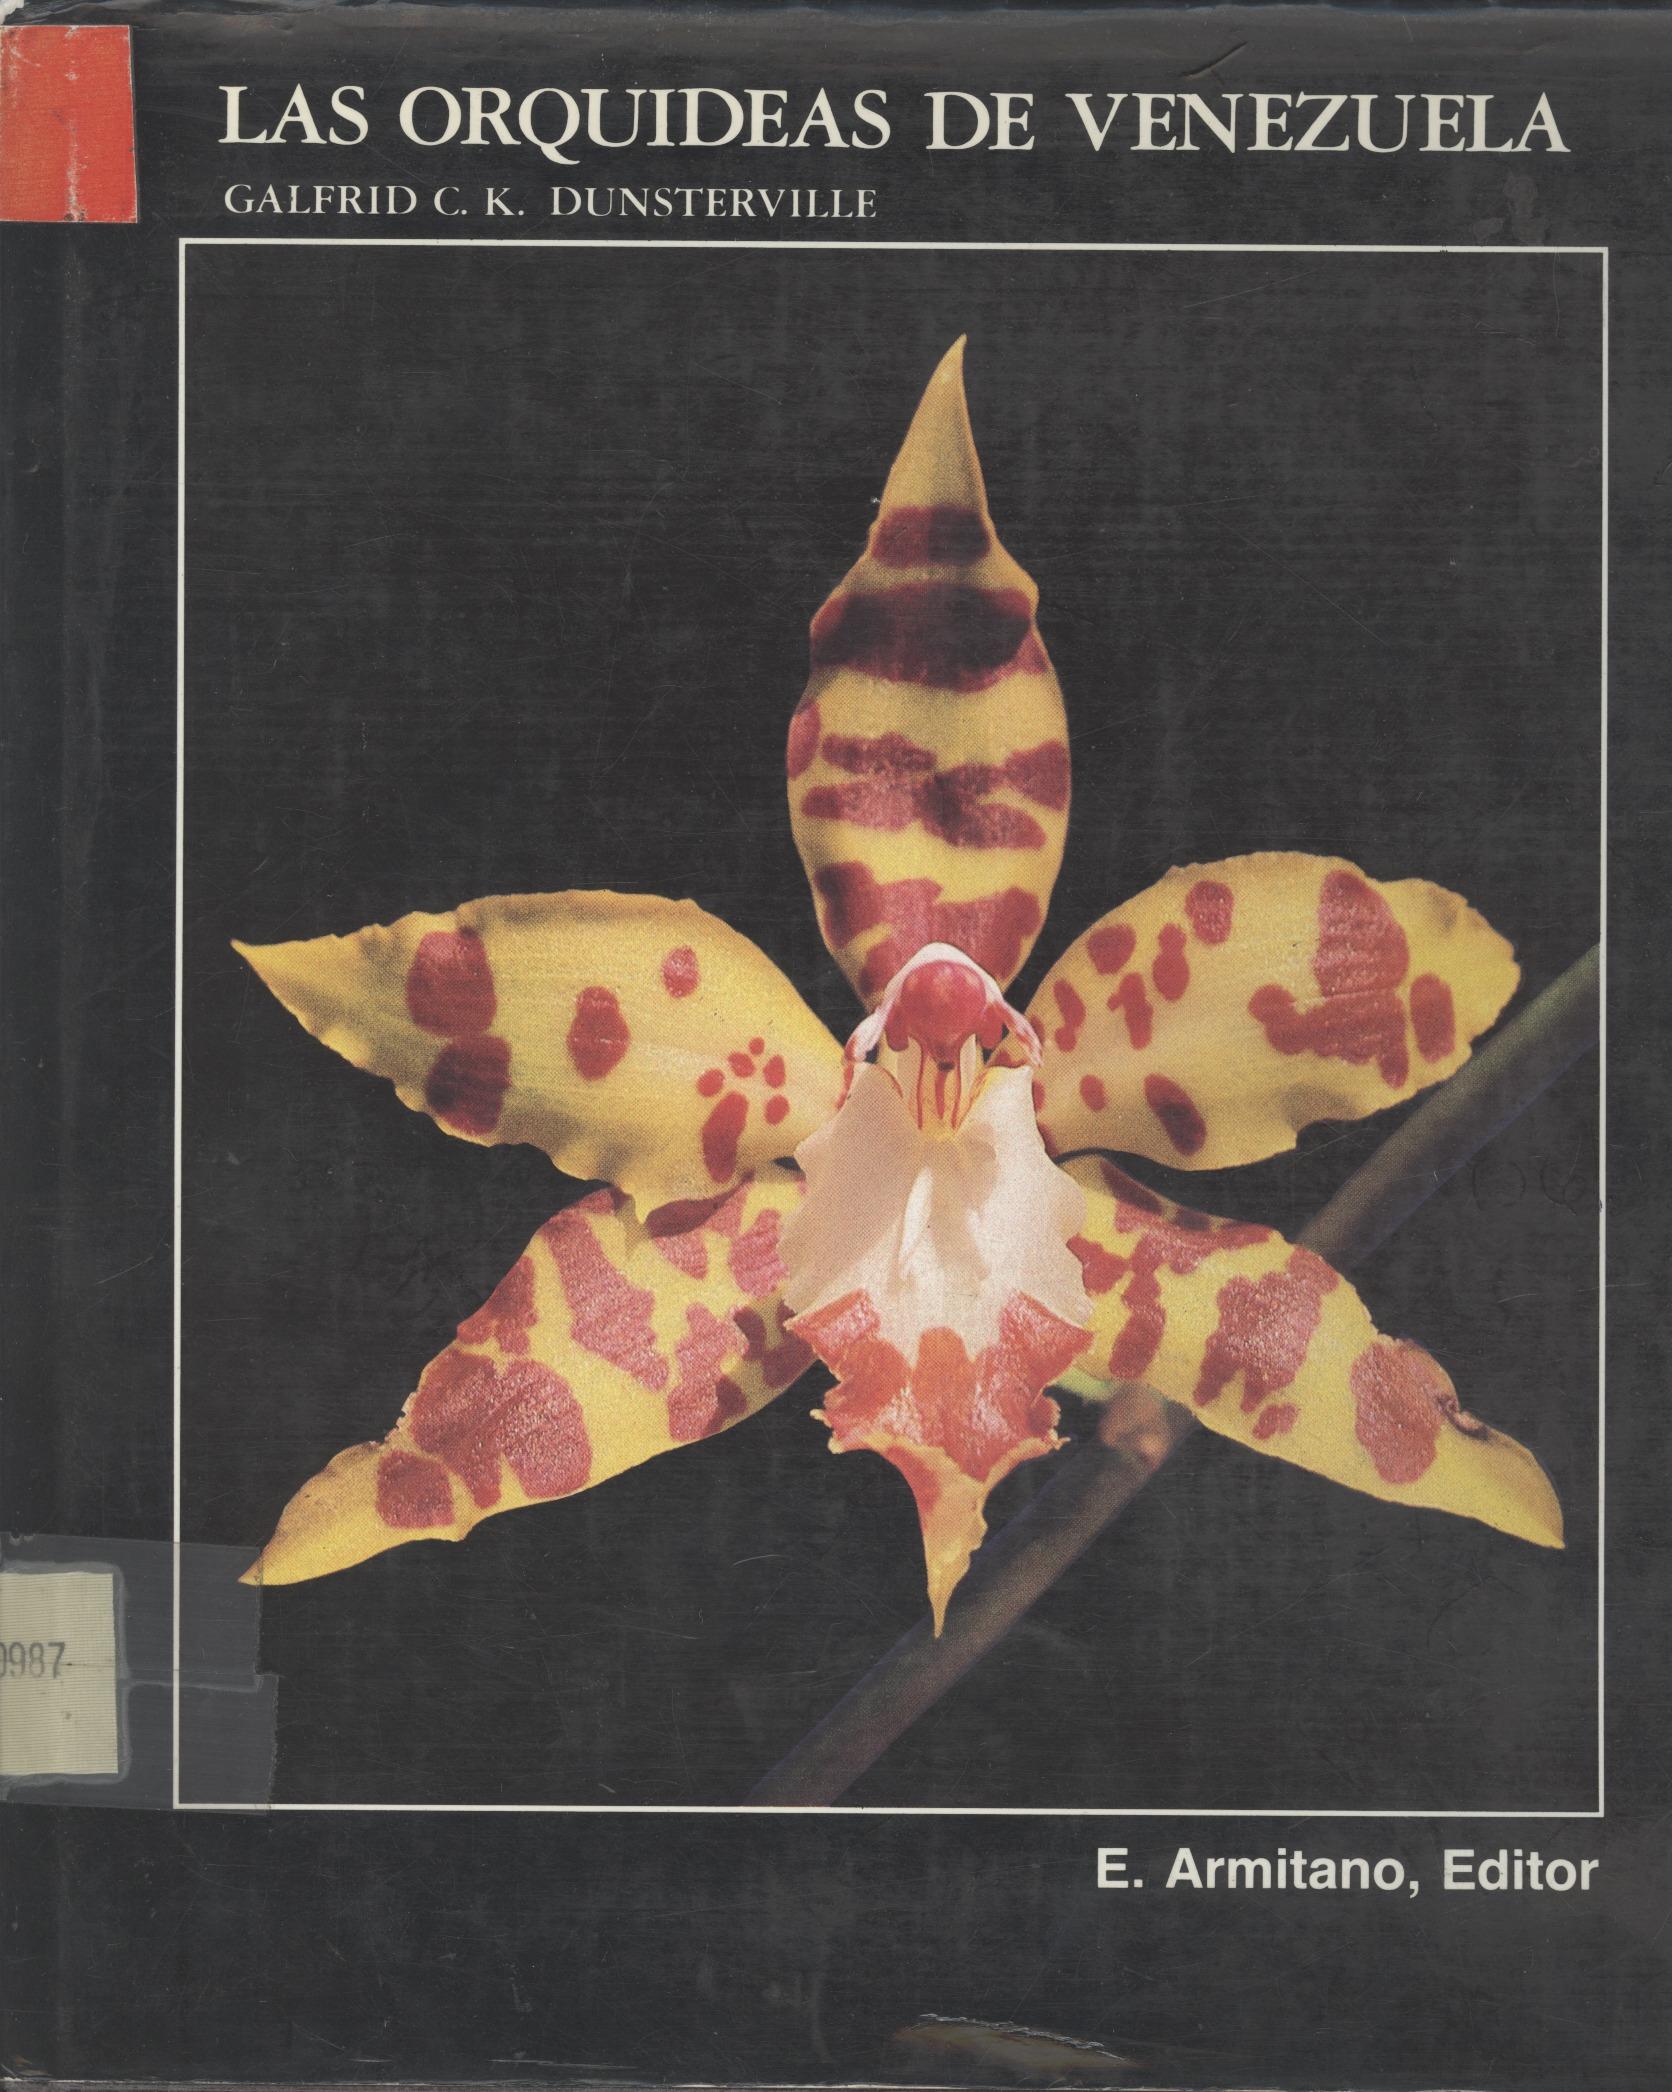 caratula de la obra las orquídeas de Venezuela de Galfrid Dunsterville